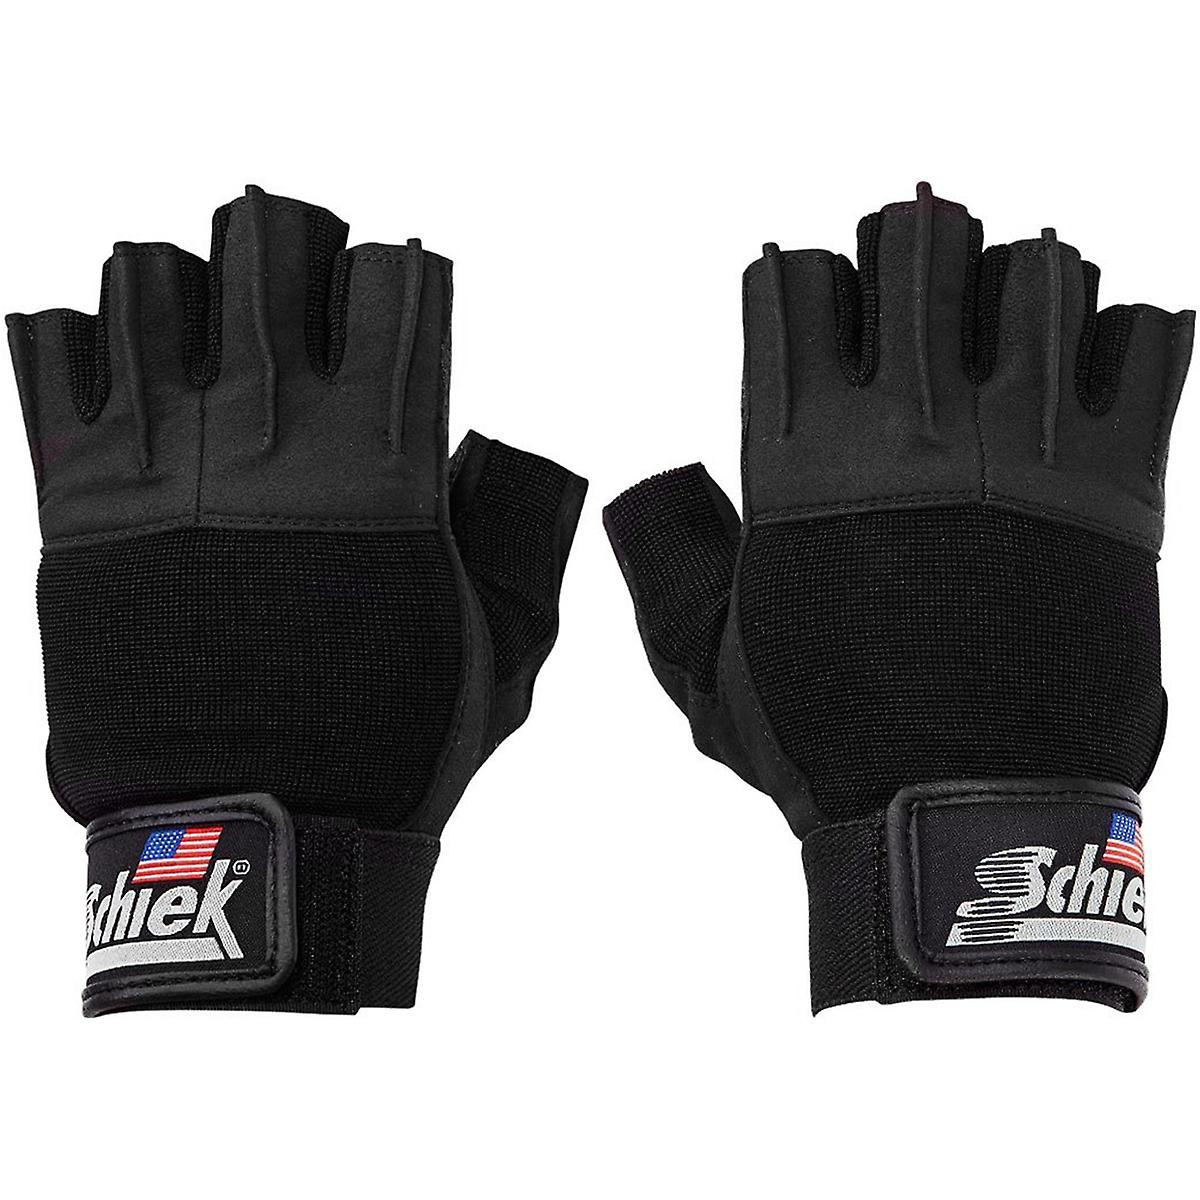 Мужские перчатки для фитнеса: модели для тренажерного зала фирмы nike и других известных брендов